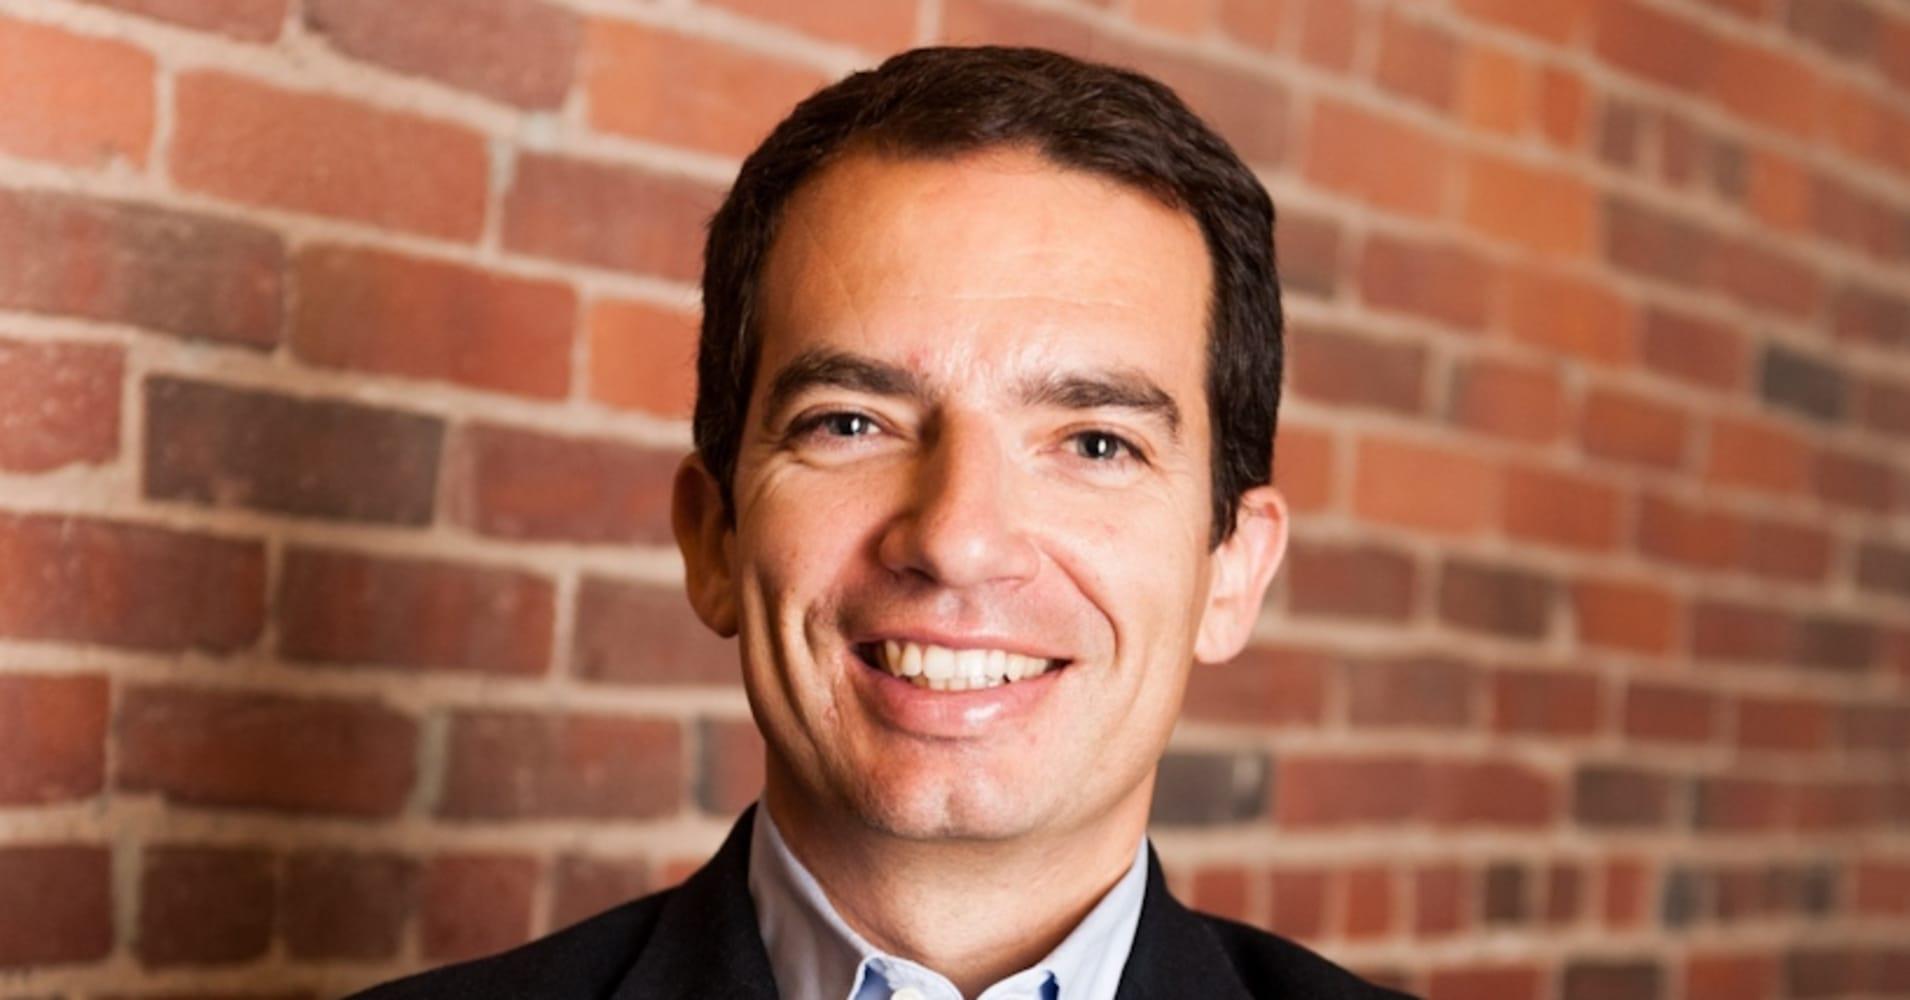 Stéphane Bancel, chefe executivo da Moderna.